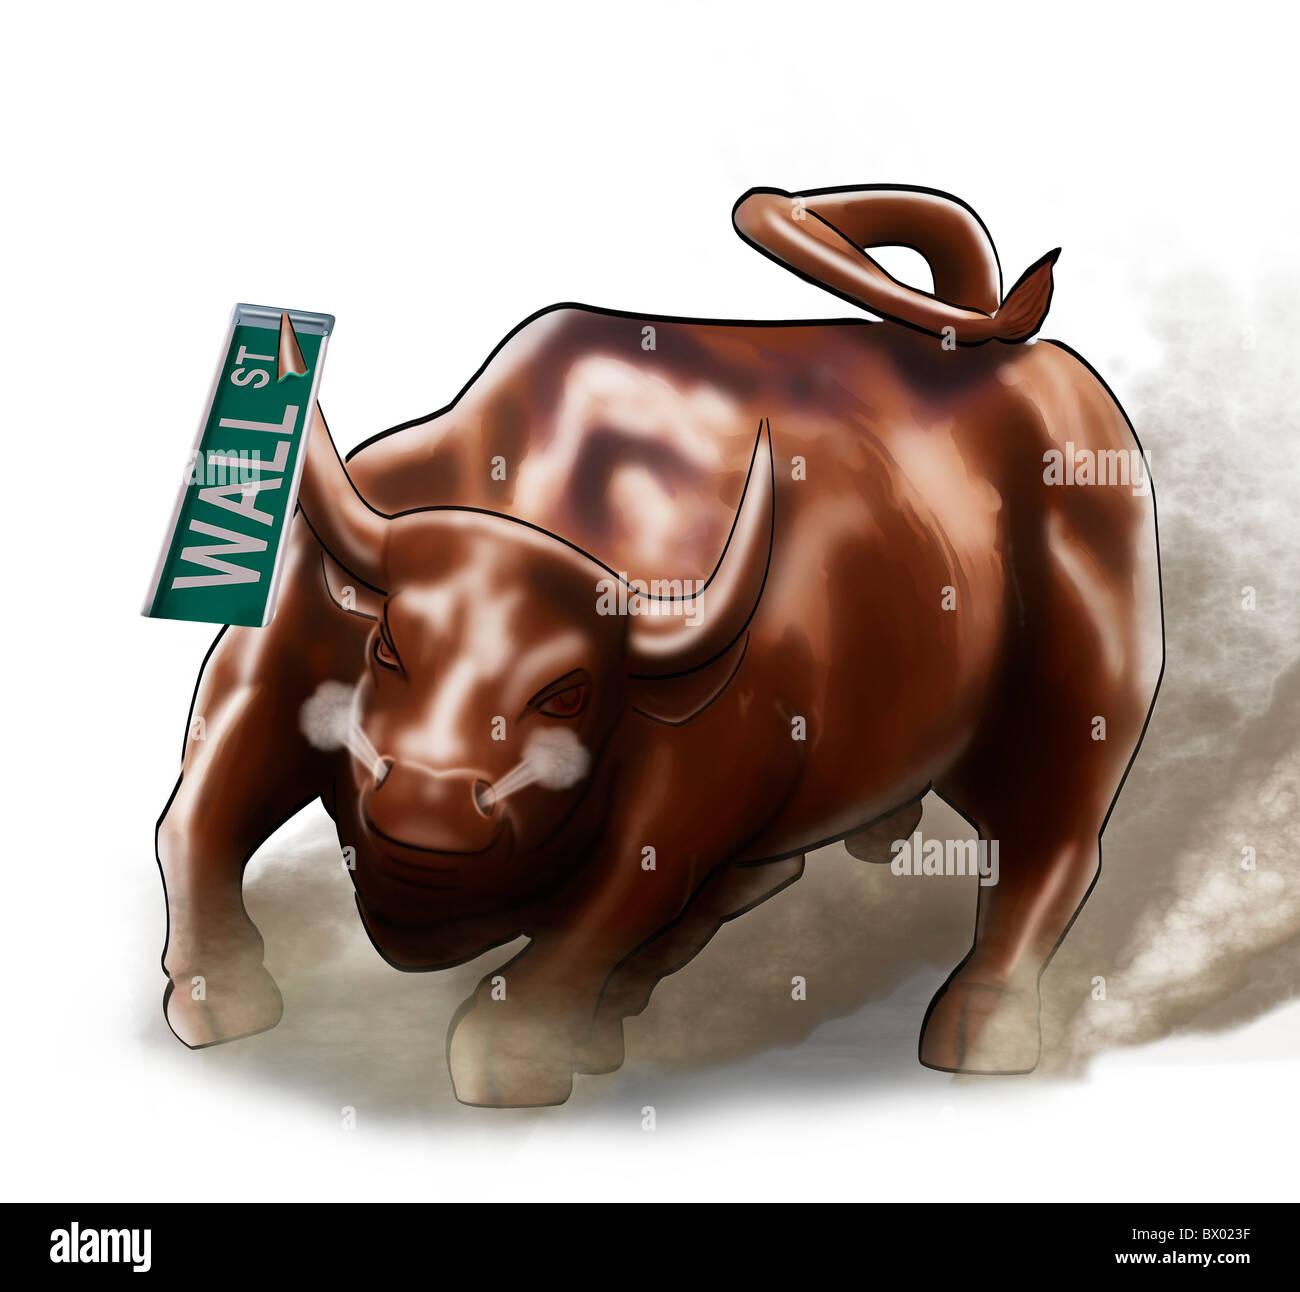 Cartoon illustrazione del Wall Street Bull scatenandosi con il Wall Street  sign infilzata su uno dei suoi corni. c2e0c2e68a37